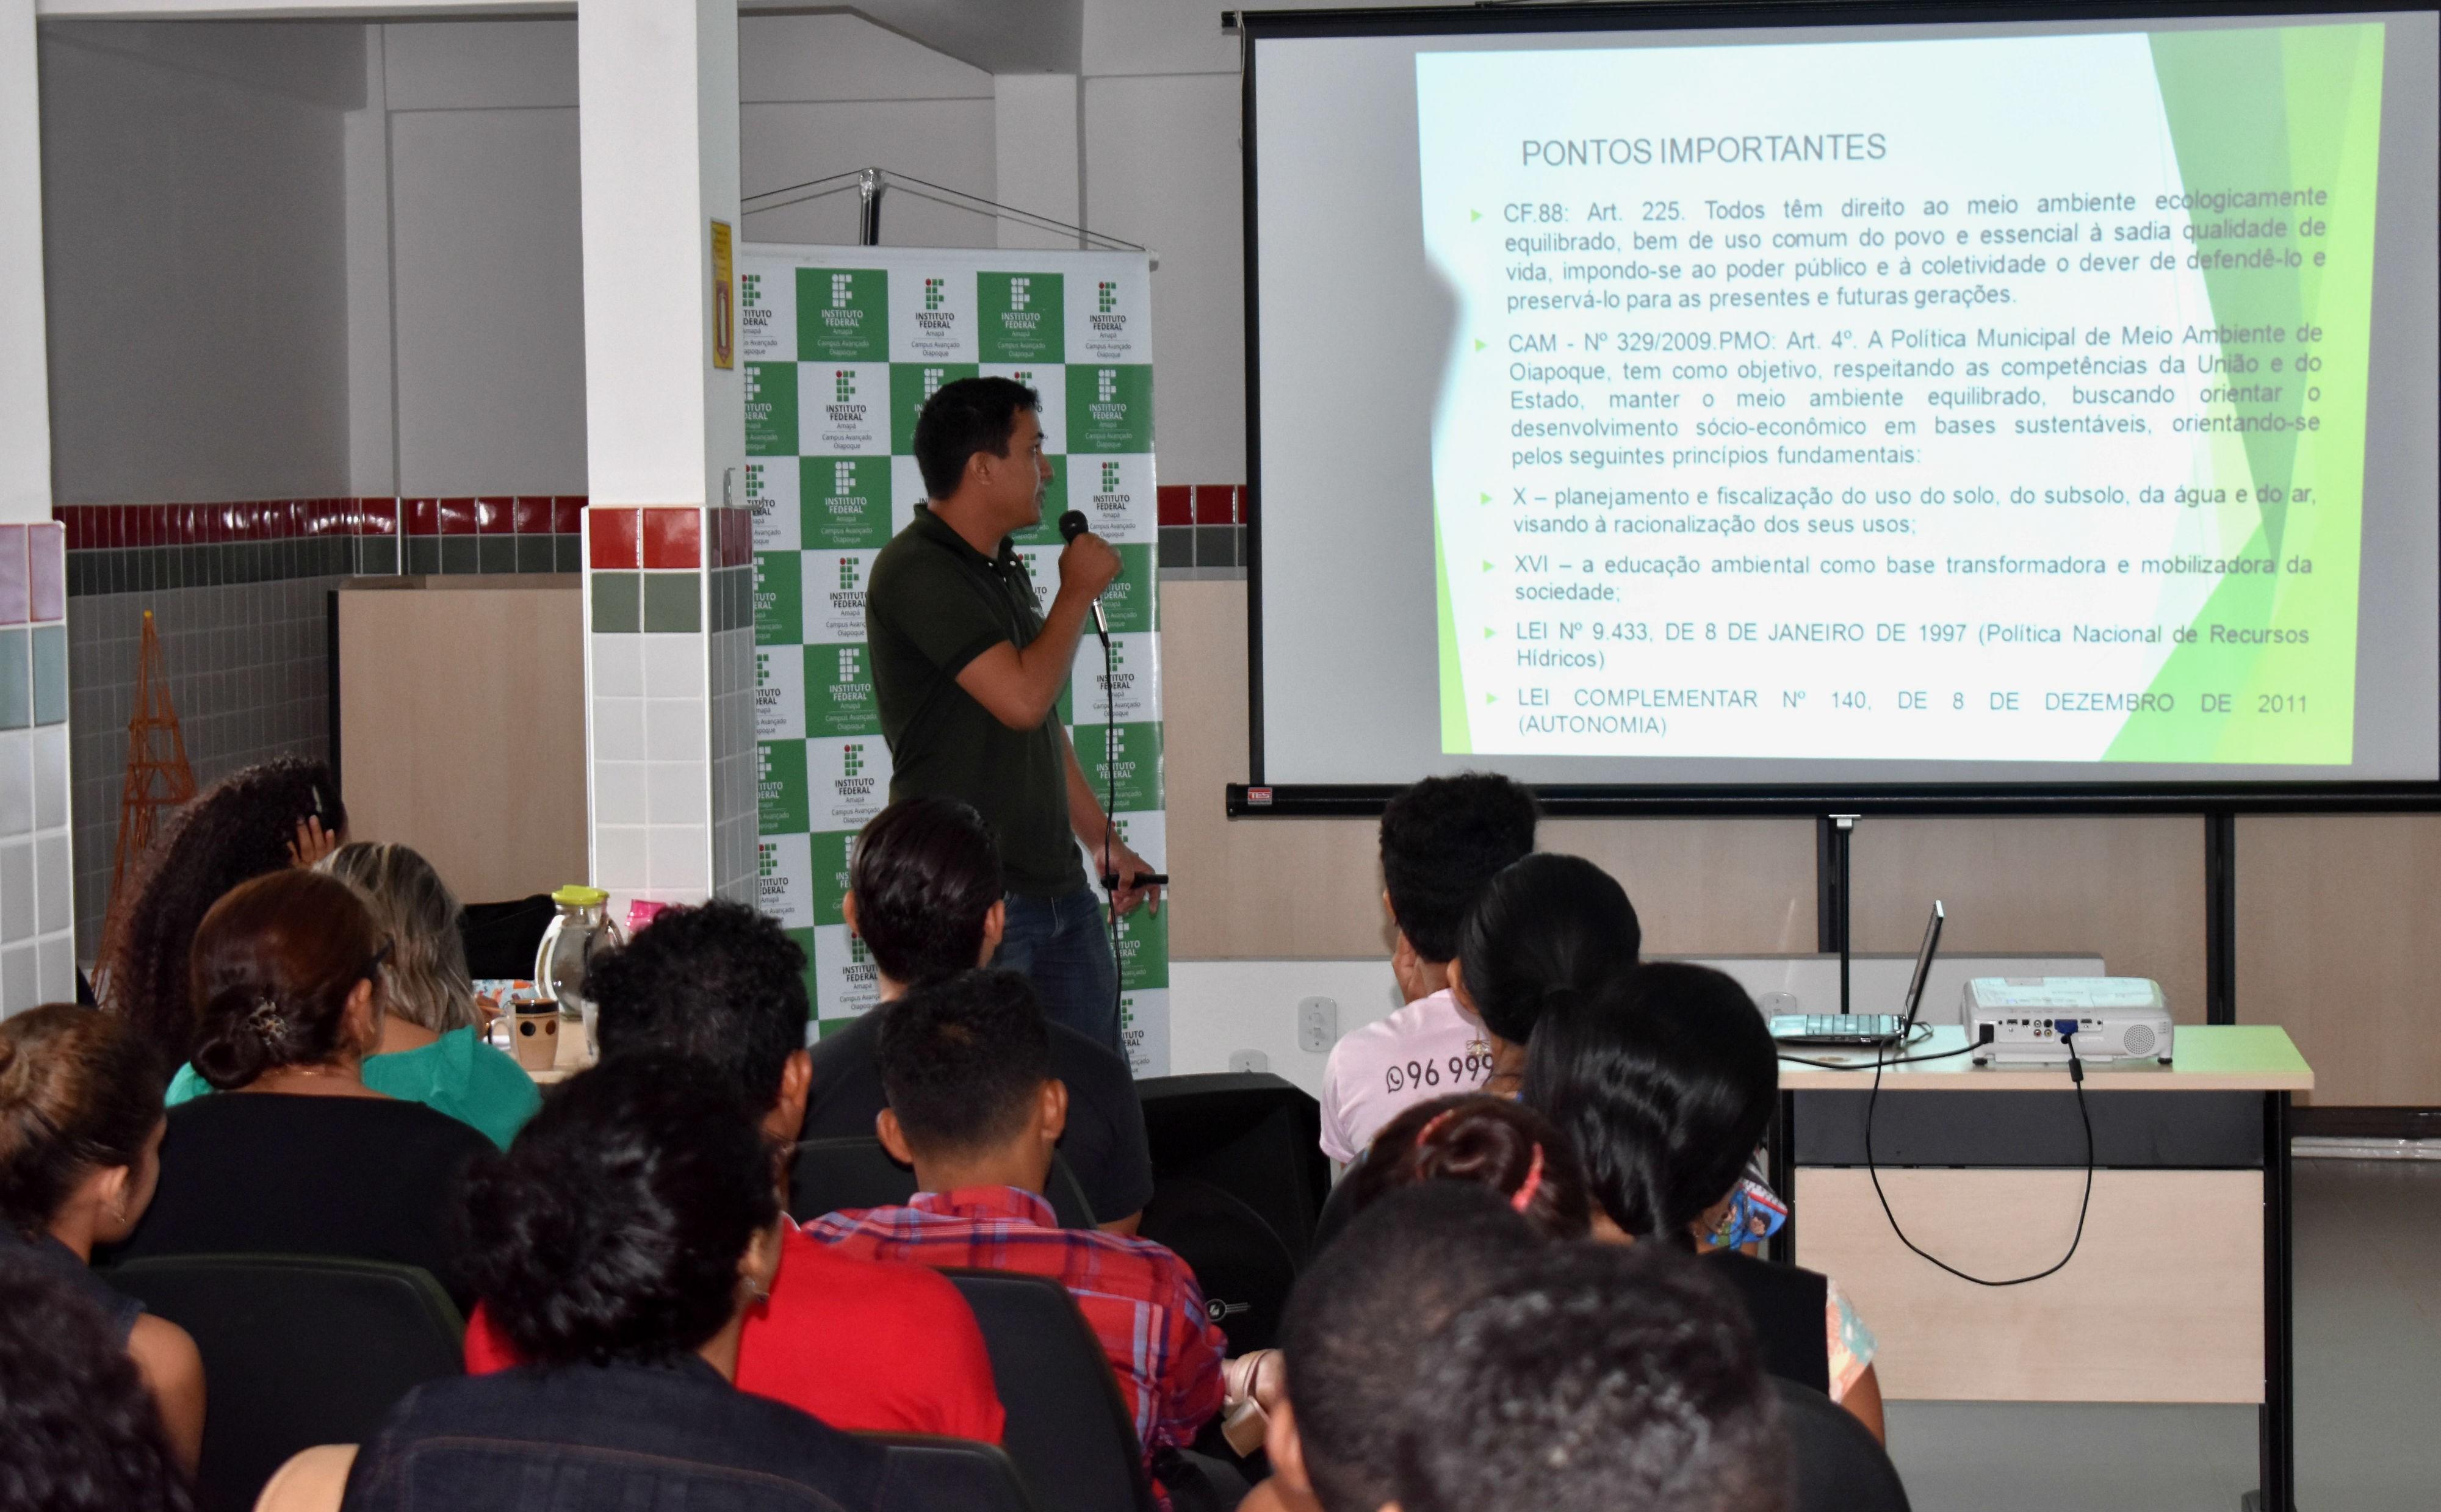 Instituto Federal do AP abre seleção de 725 vagas para cursos técnicos em 4 municípios - Notícias - Plantão Diário